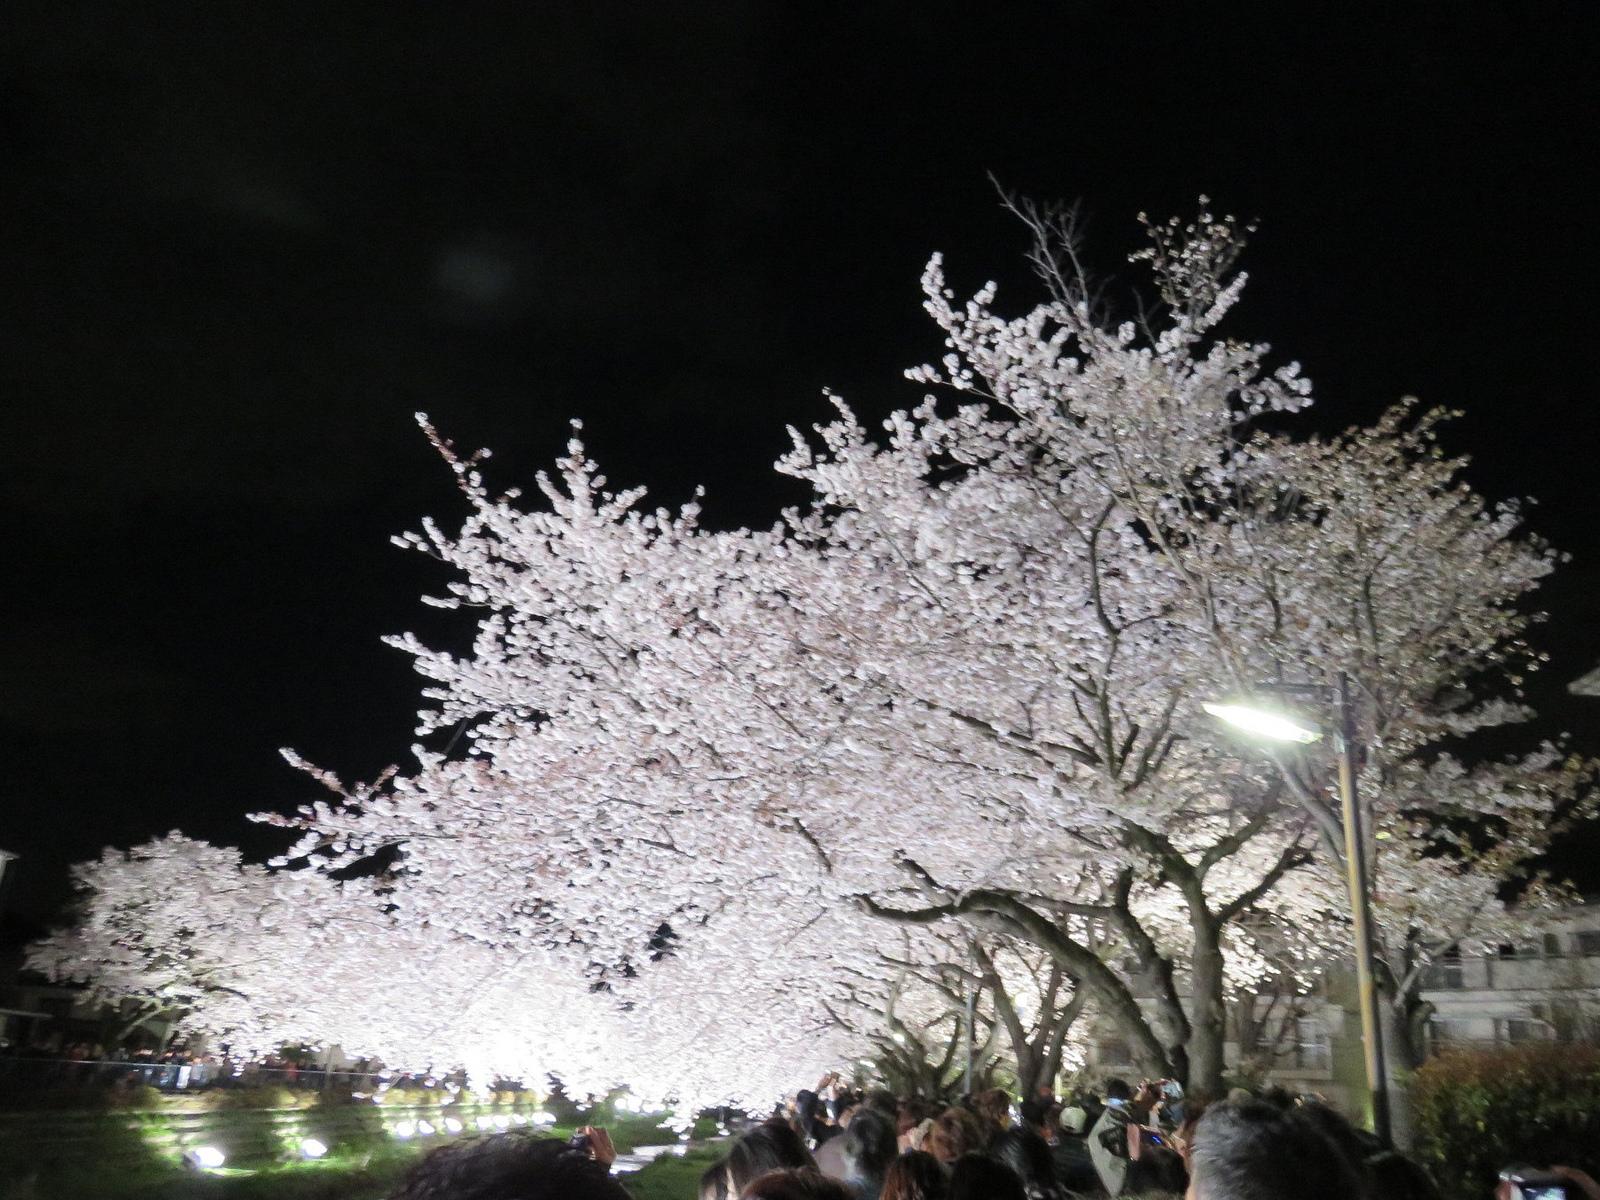 野川の桜ライトアップ(桜の木の写真)